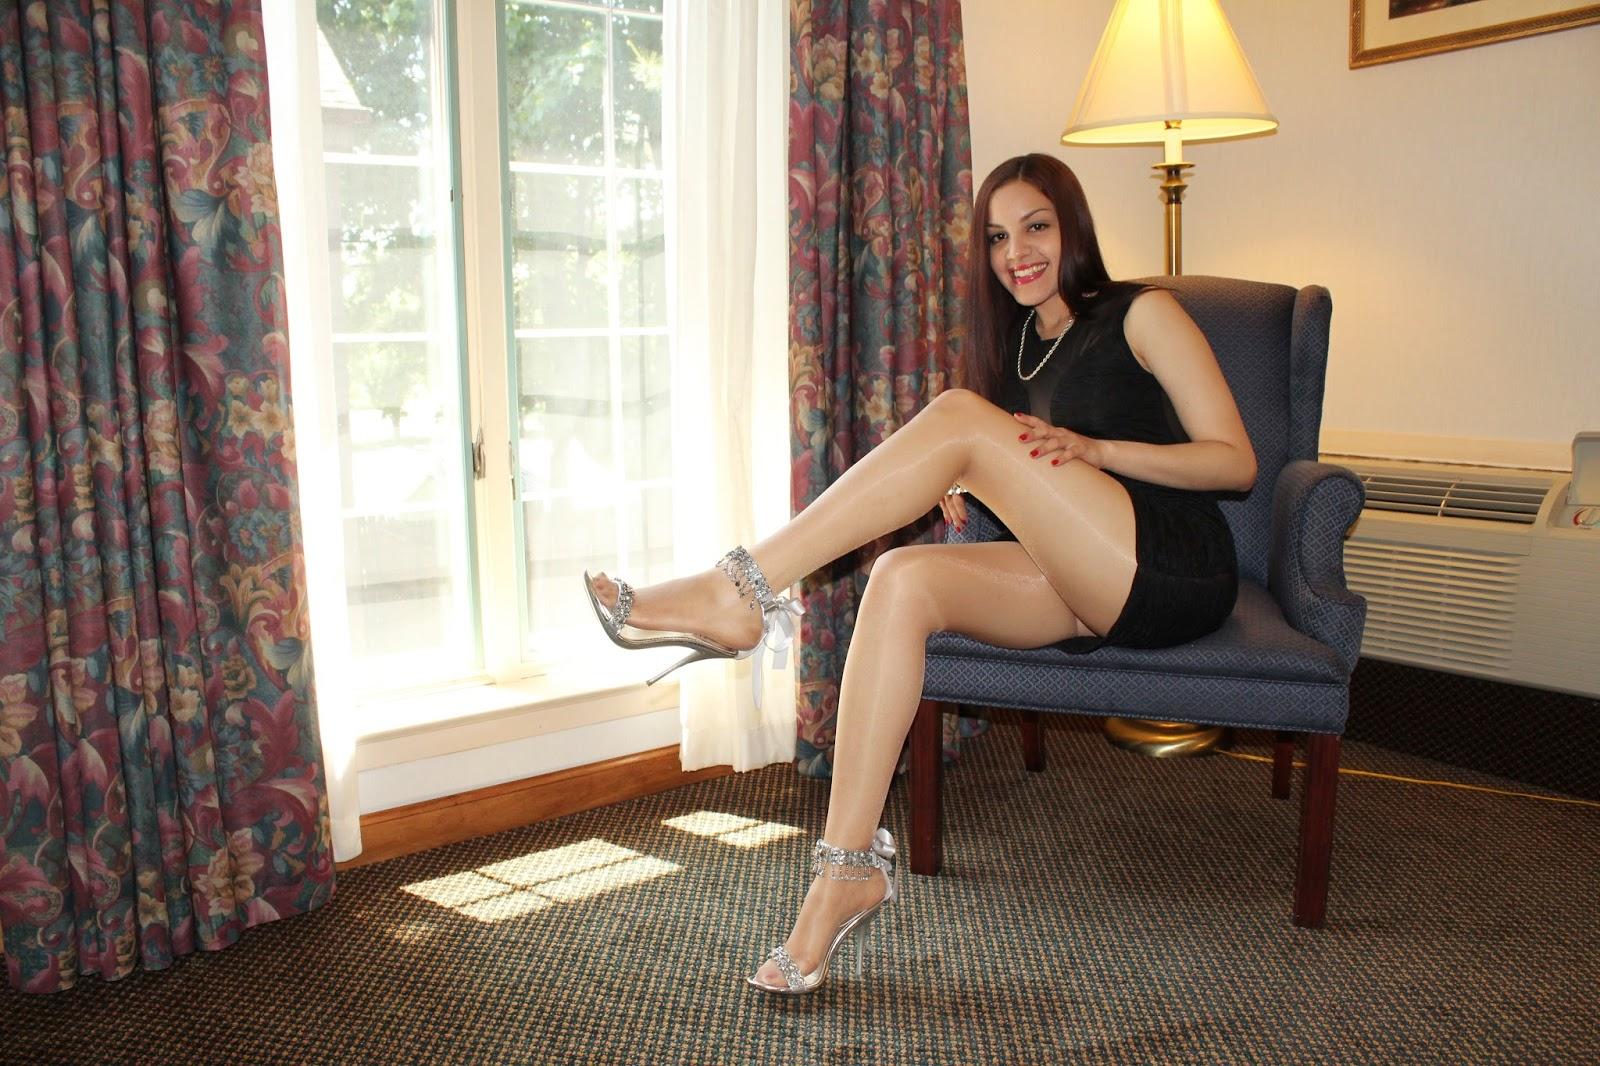 langbeinige nackte Frau stehen in voller Länge